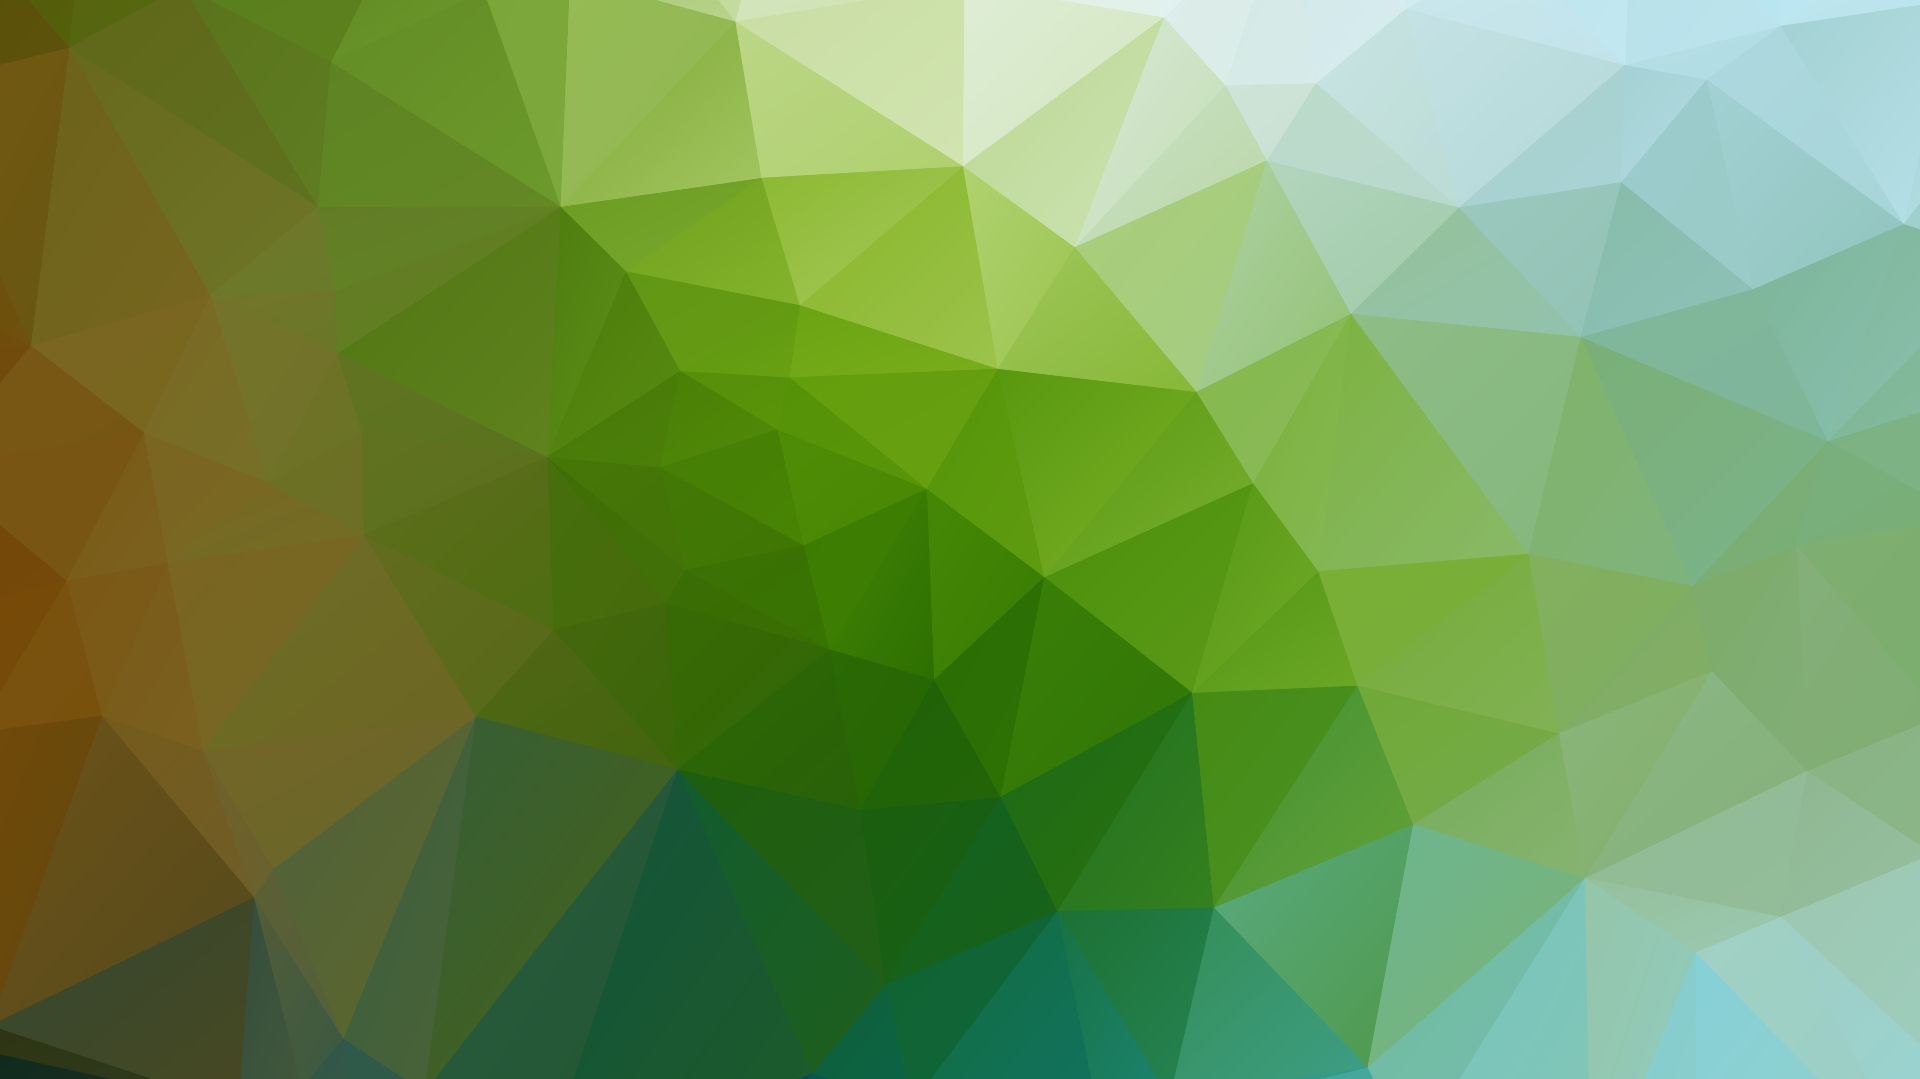 84758 скачать обои Абстракция, Поверхность, Зеленый, Формы - заставки и картинки бесплатно